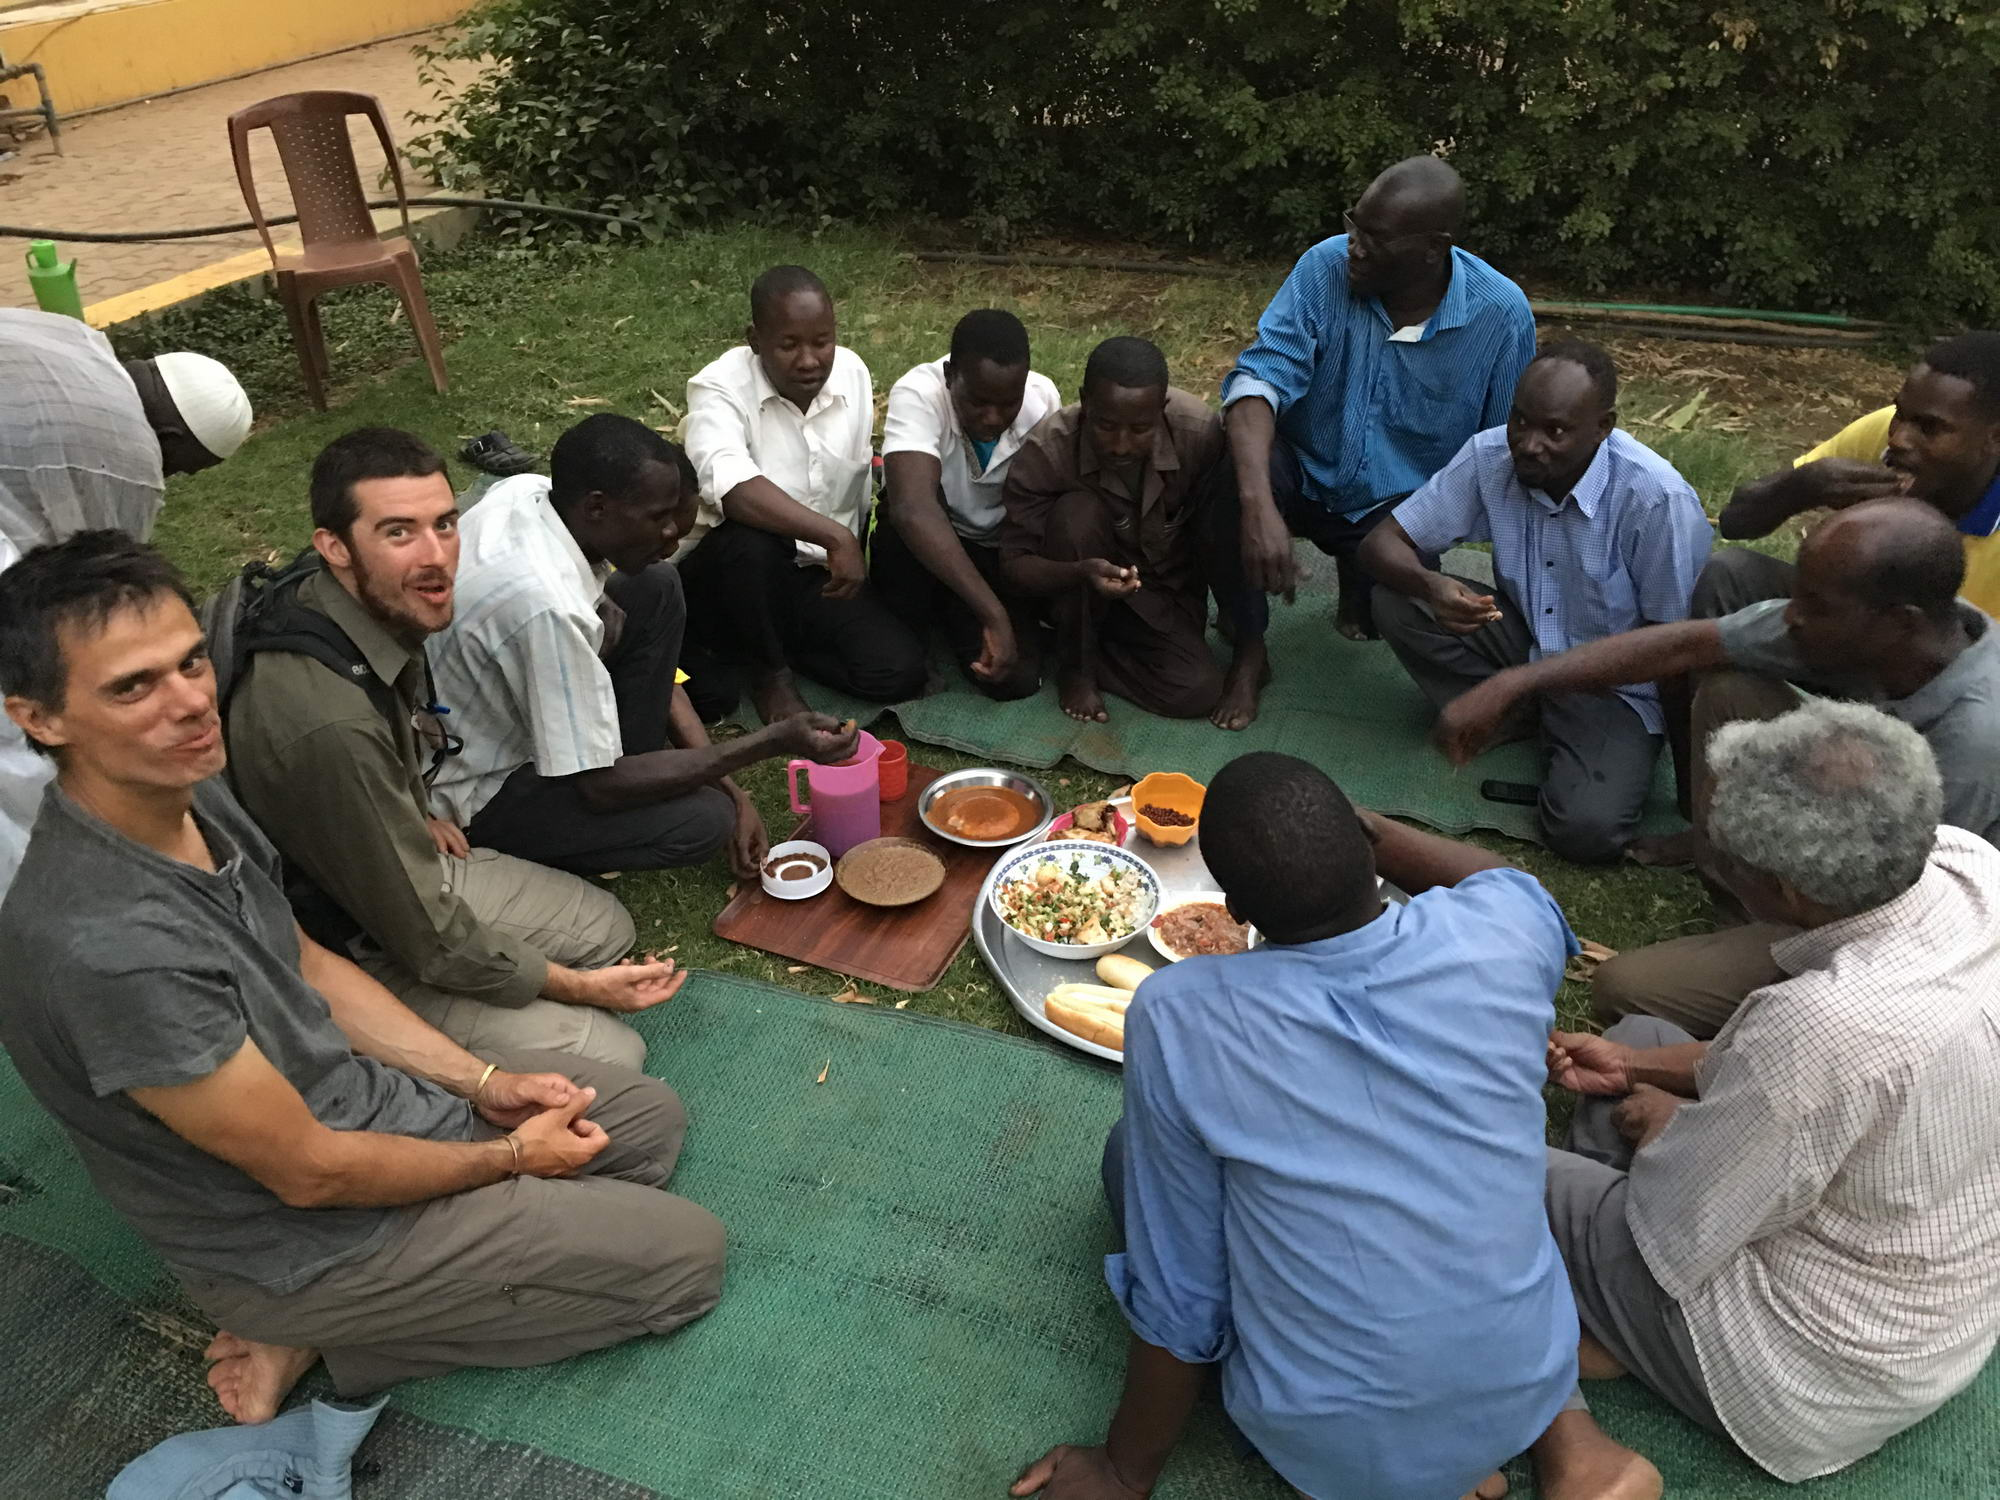 večerja v Sudanu